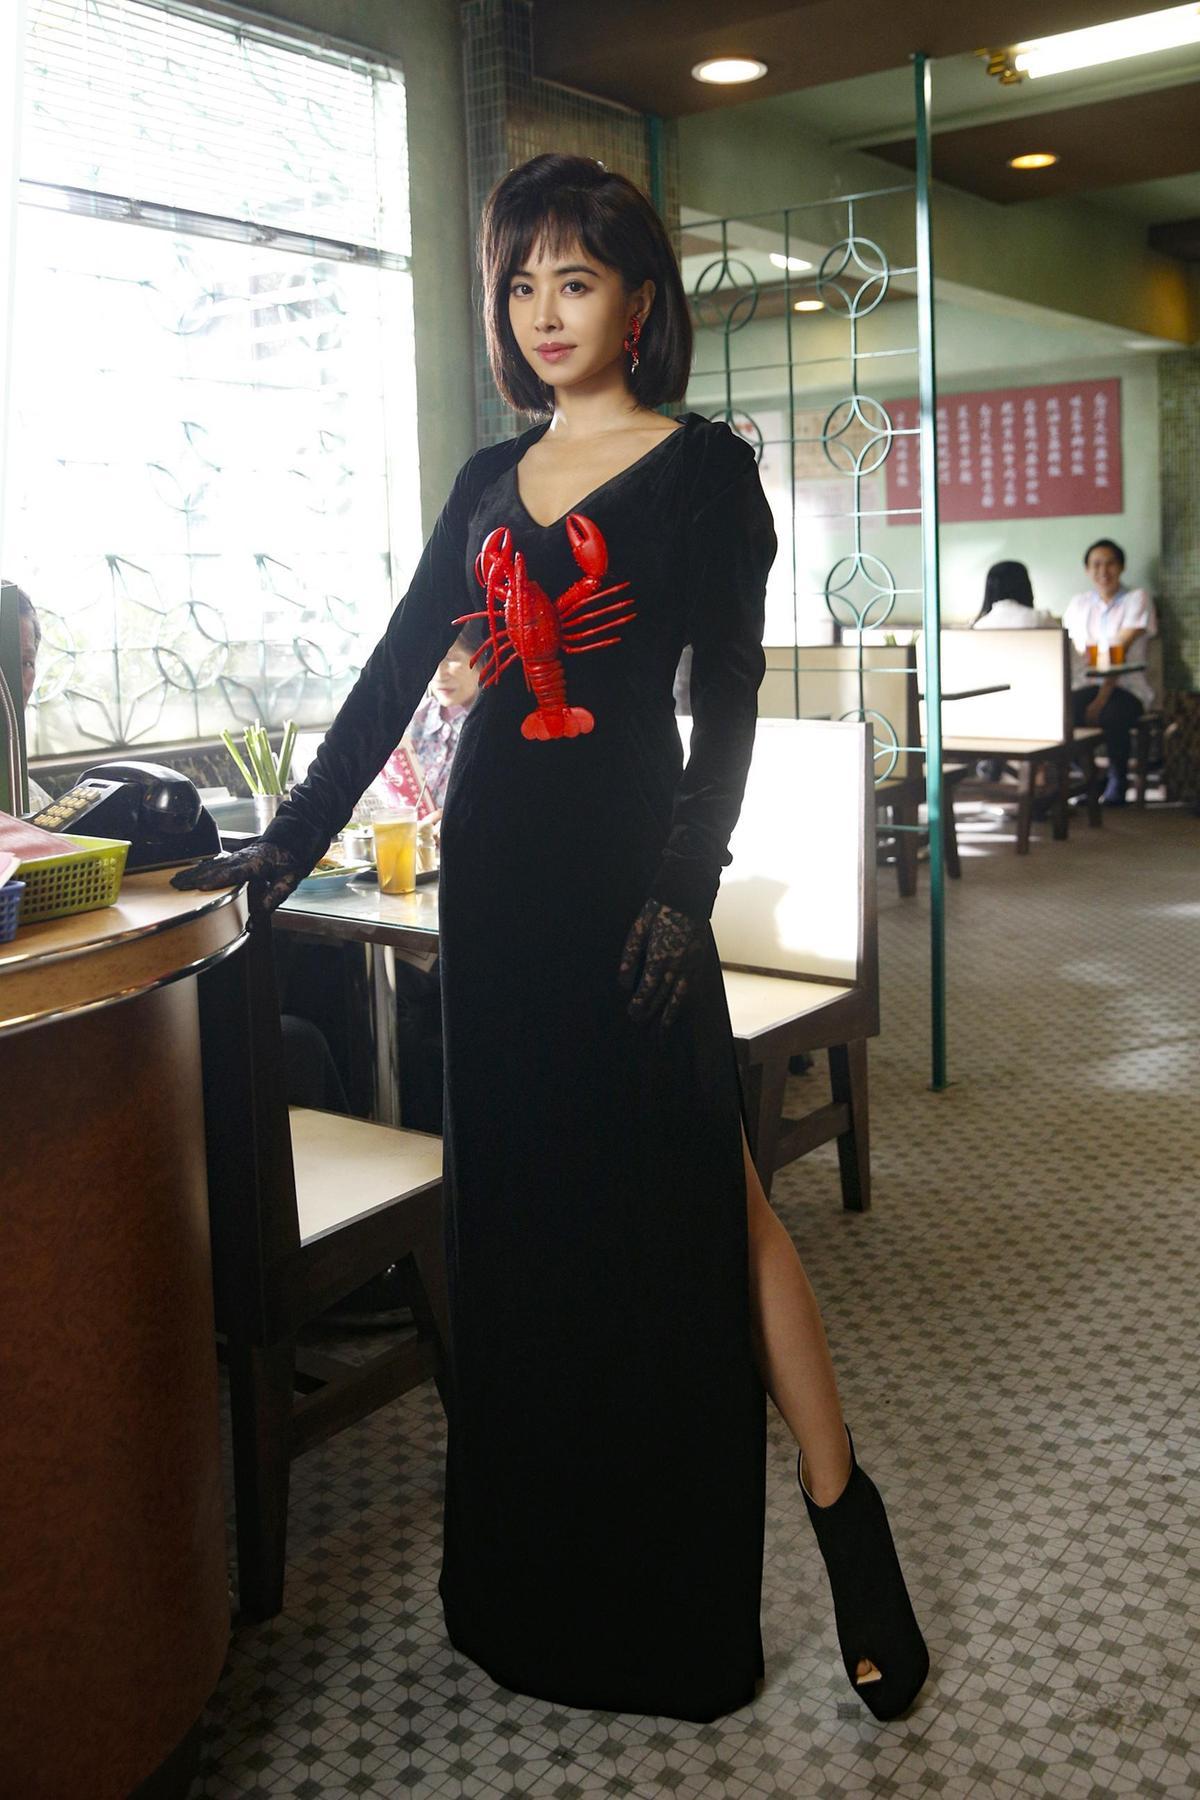 〈腦公〉MV曝光笑哽滿滿,蔡依林穿上義大利設計師sit down please的龍蝦裝致敬《與龍共舞》,半屏山髮型讓她身高又抽高不少。(索尼音樂提供)